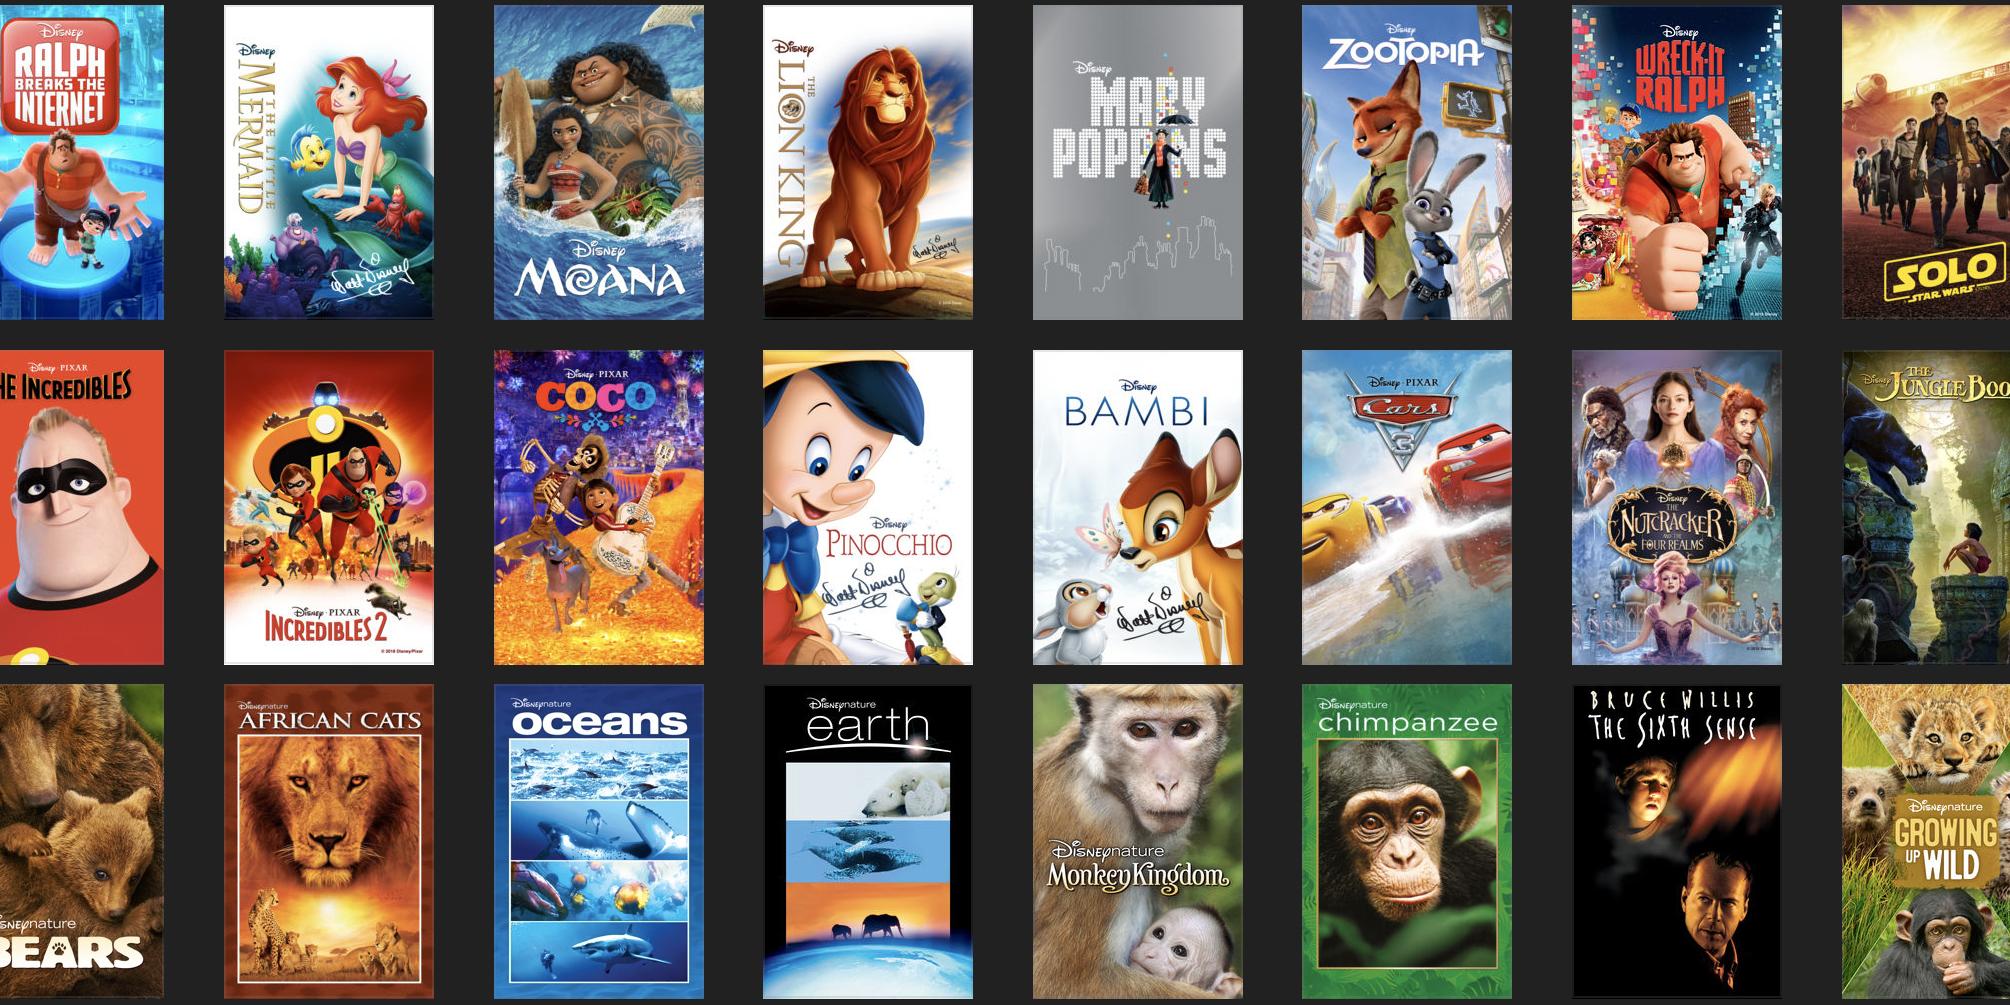 This week's best iTunes movie deals: $15 Disney film sale